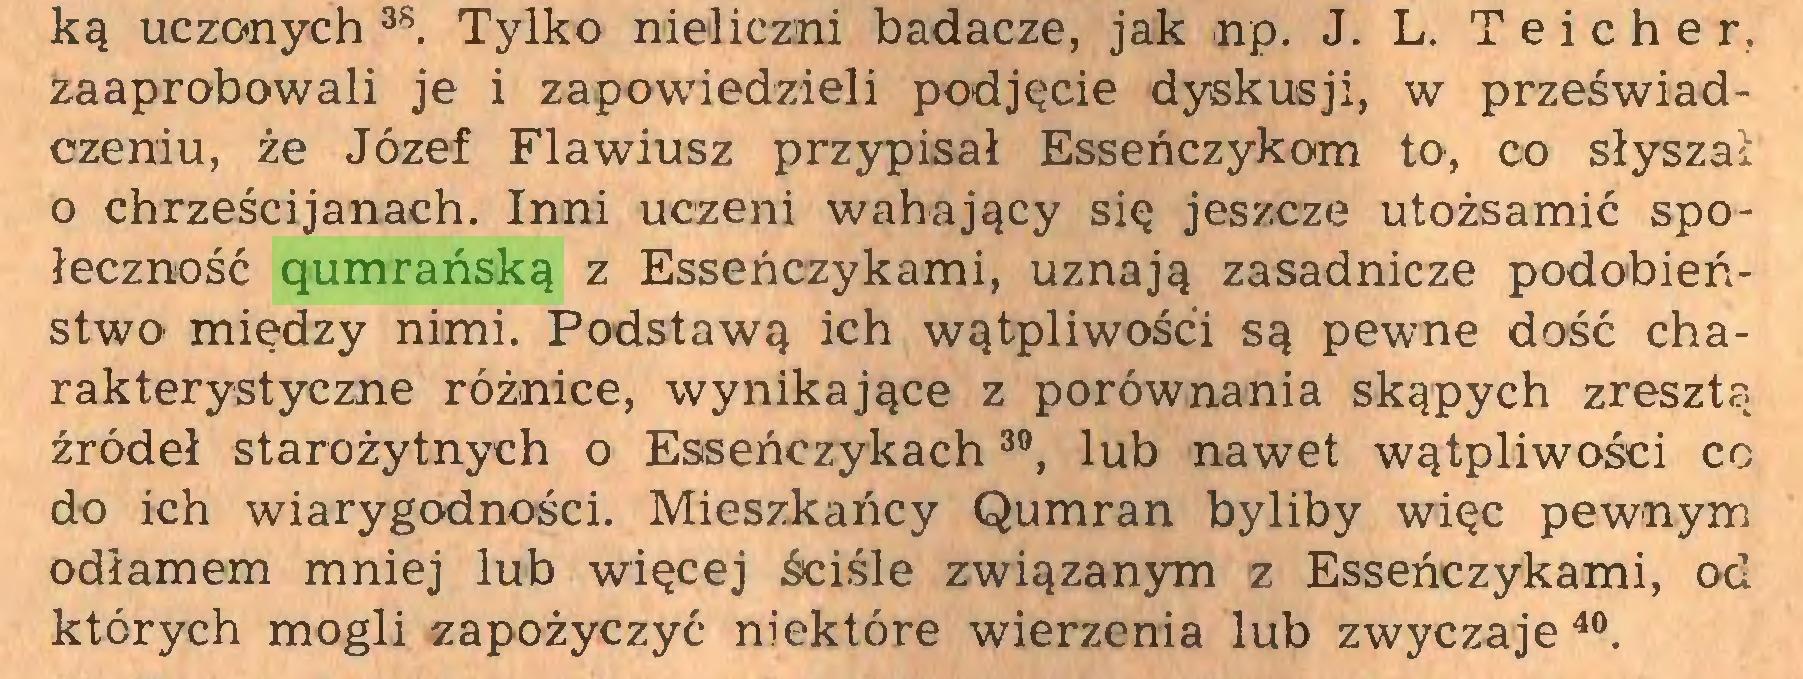 (...) *. Tylko nieliczni badacze, jak np. J. L. Teicher, zaaprobowali je i zapowiedzieli podjęcie dyskusji, w przeświadczeniu, że Józef Flawiusz przypisał Esseńczykom to, co słyszał o chrześcijanach. Inni uczeni wahający się jeszcze utożsamić społeczność qumrańską z Esseńczykami, uznają zasadnicze podobieństwo między nimi. Podstawą ich wątpliwości są pewne dość charakterystyczne różnice, wynikające z porównania skąpych zresztą źródeł starożytnych o Esseńczykach30, lub nawet wątpliwości co do ich wiarygodności. Mieszkańcy Qumran byliby więc pewnym odłamem mniej lub więcej ściśle związanym z Esseńczykami, od których mogli zapożyczyć niektóre wierzenia lub zwyczaje 40...